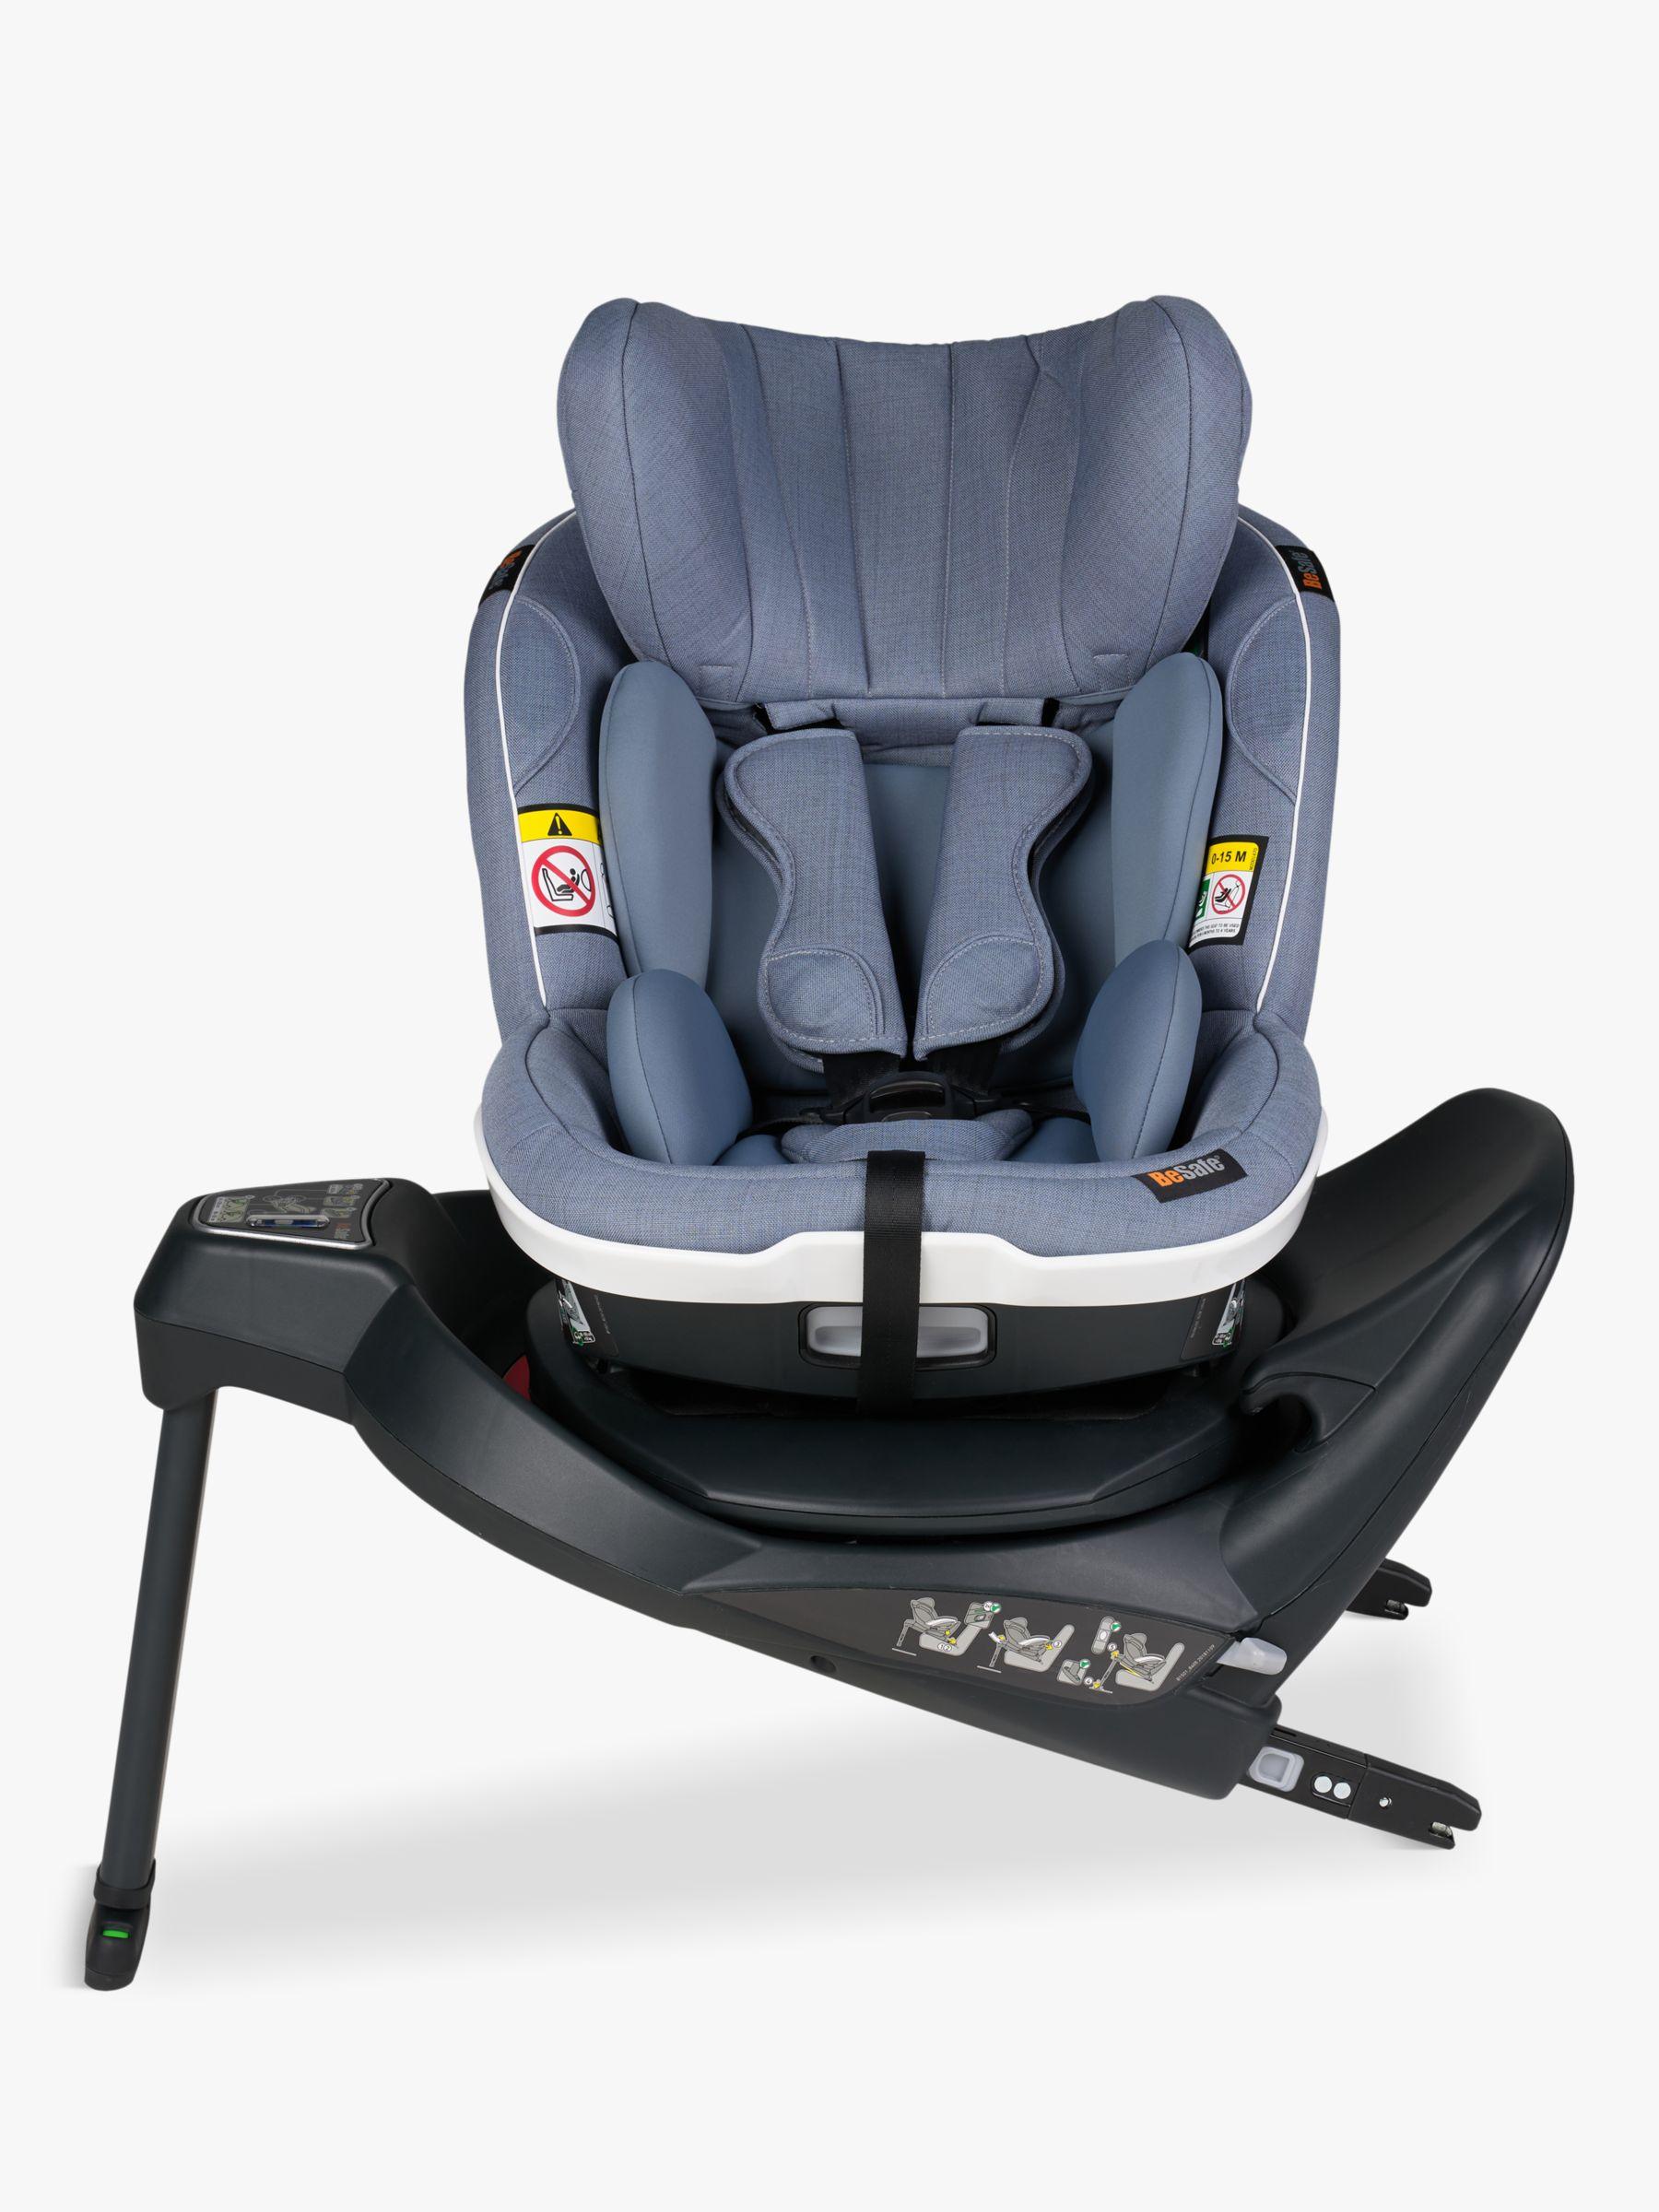 BeSafe BeSafe iZi Turn i-Size Group 1 Car Seat, Cloud Melange